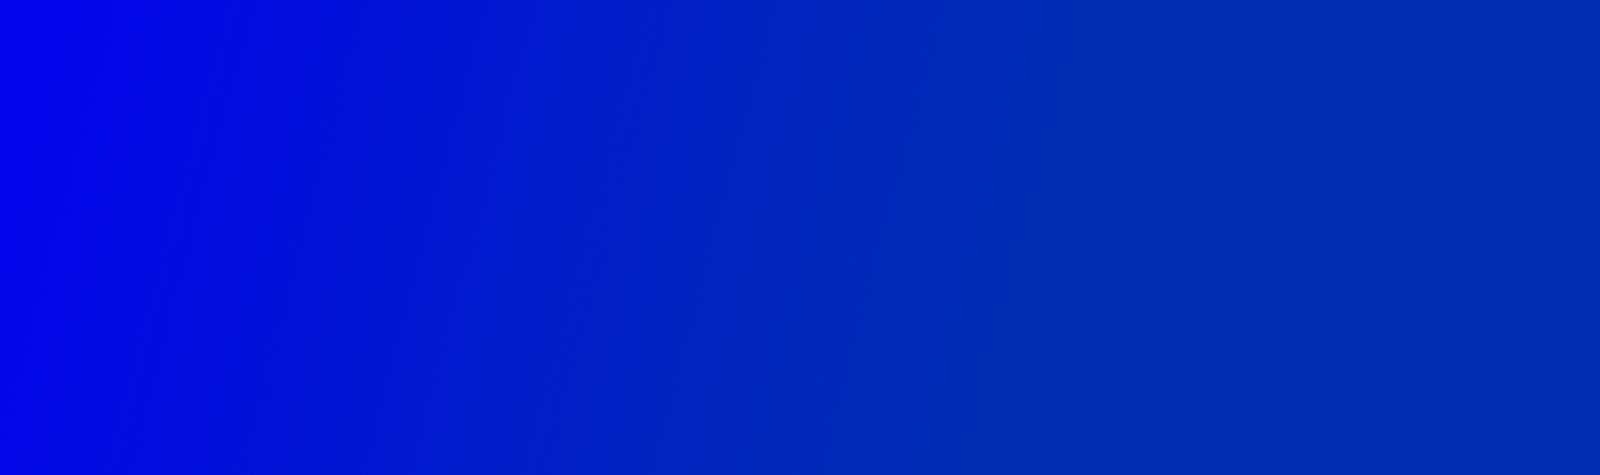 Δελτίο Τύπου ΔΑΠ-ΝΔΦΚ για την 44η Επέτειο από την εξέγερση του Πολυτεχνείου